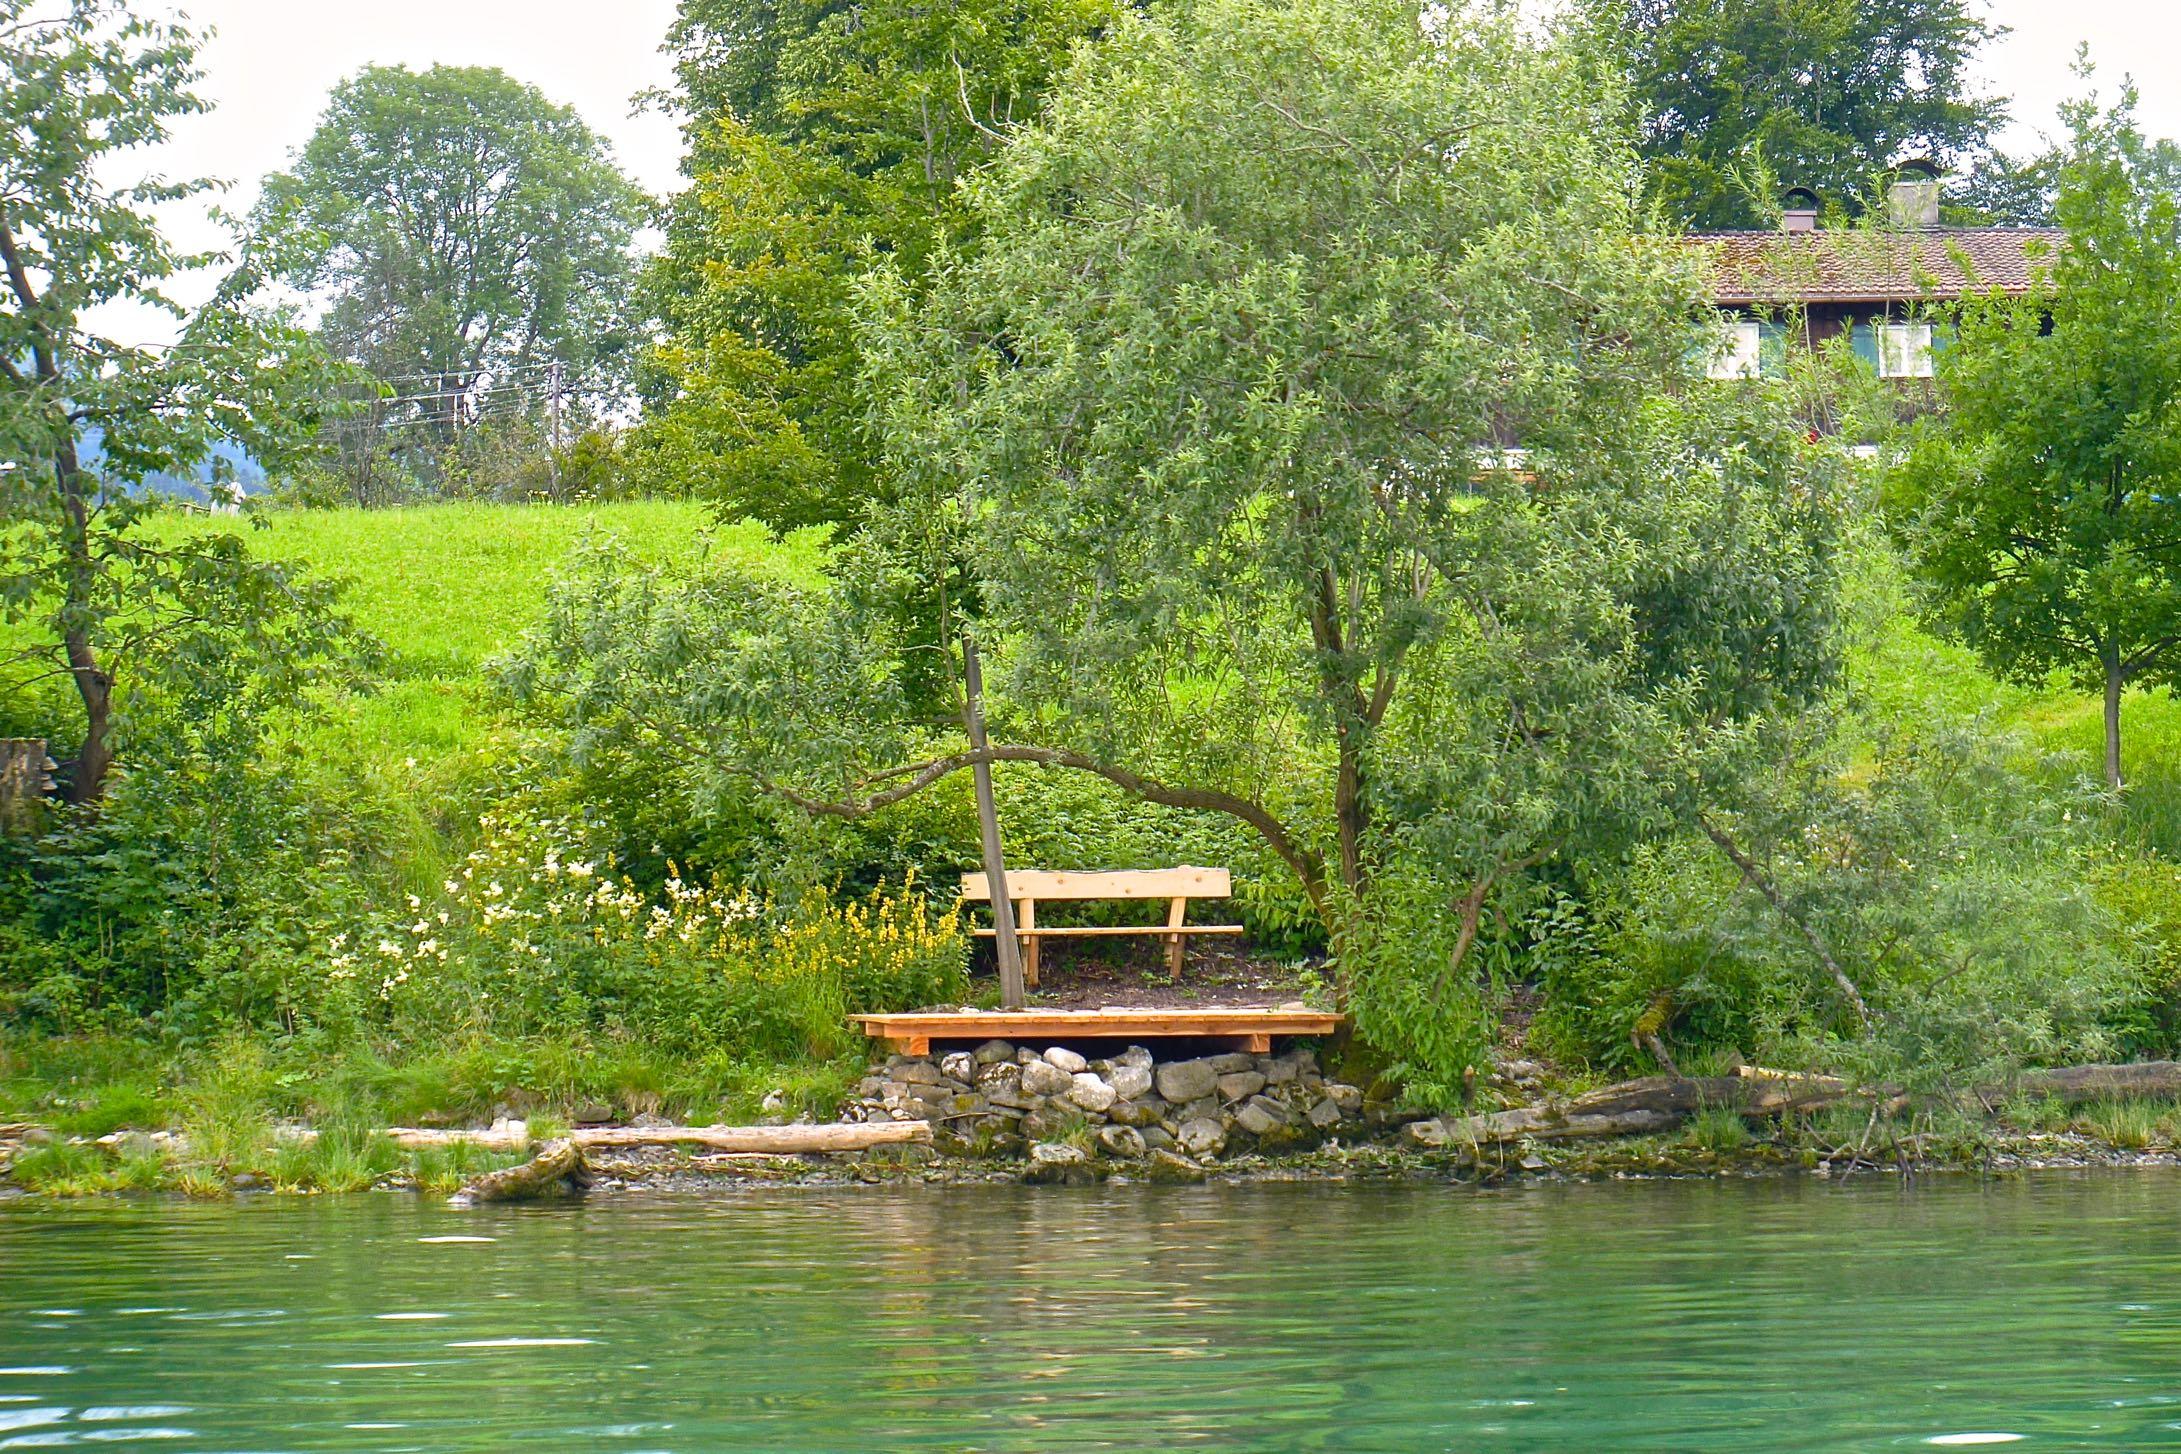 Kainzenhof am Tegernsee 158 (Urlaub im Denkmal)